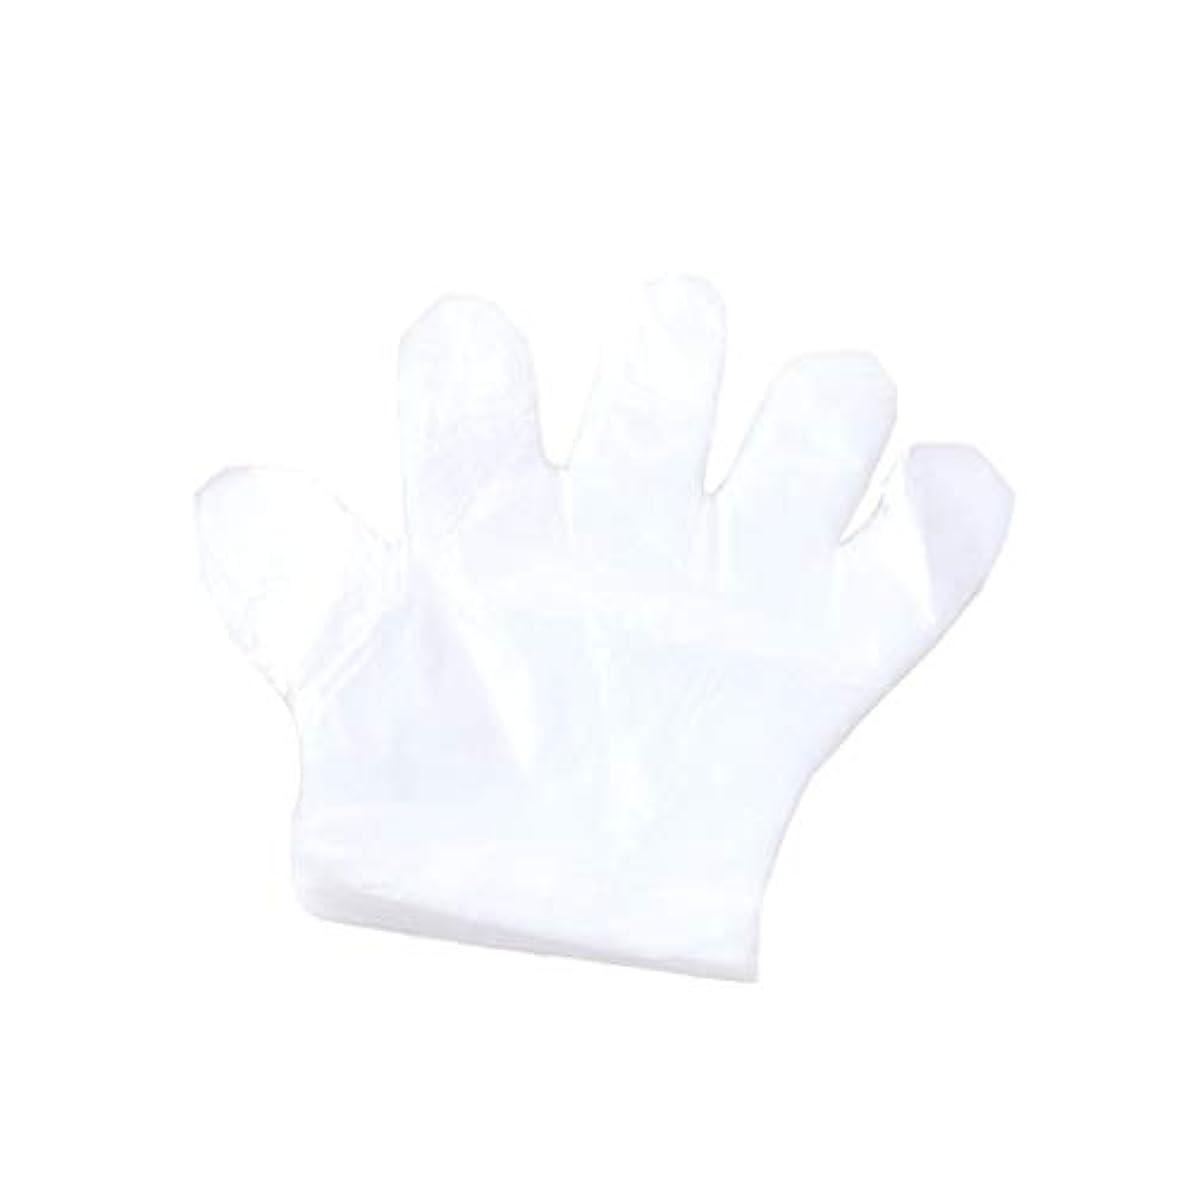 作ります薄いですオーク手袋、使い捨て手袋、プラスチック透明な使い捨て手袋、衛生的な食品、100スーツ。 (UnitCount : 2000only)